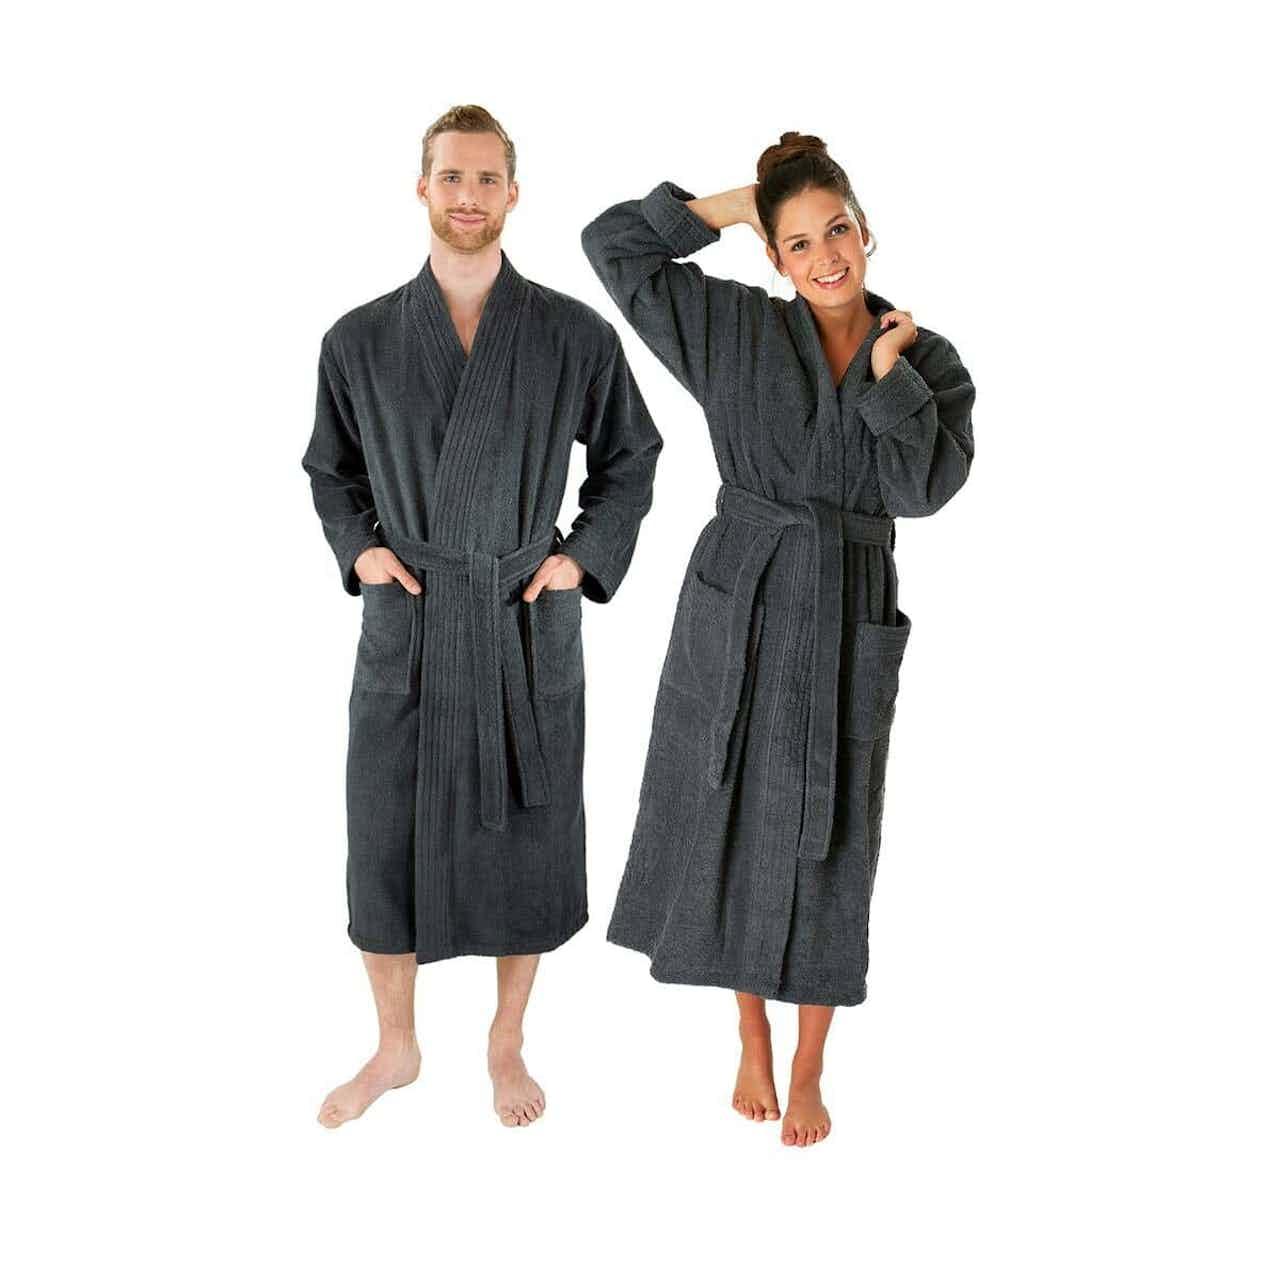 wewo fashion Bademantel Unisex Kimono 3005